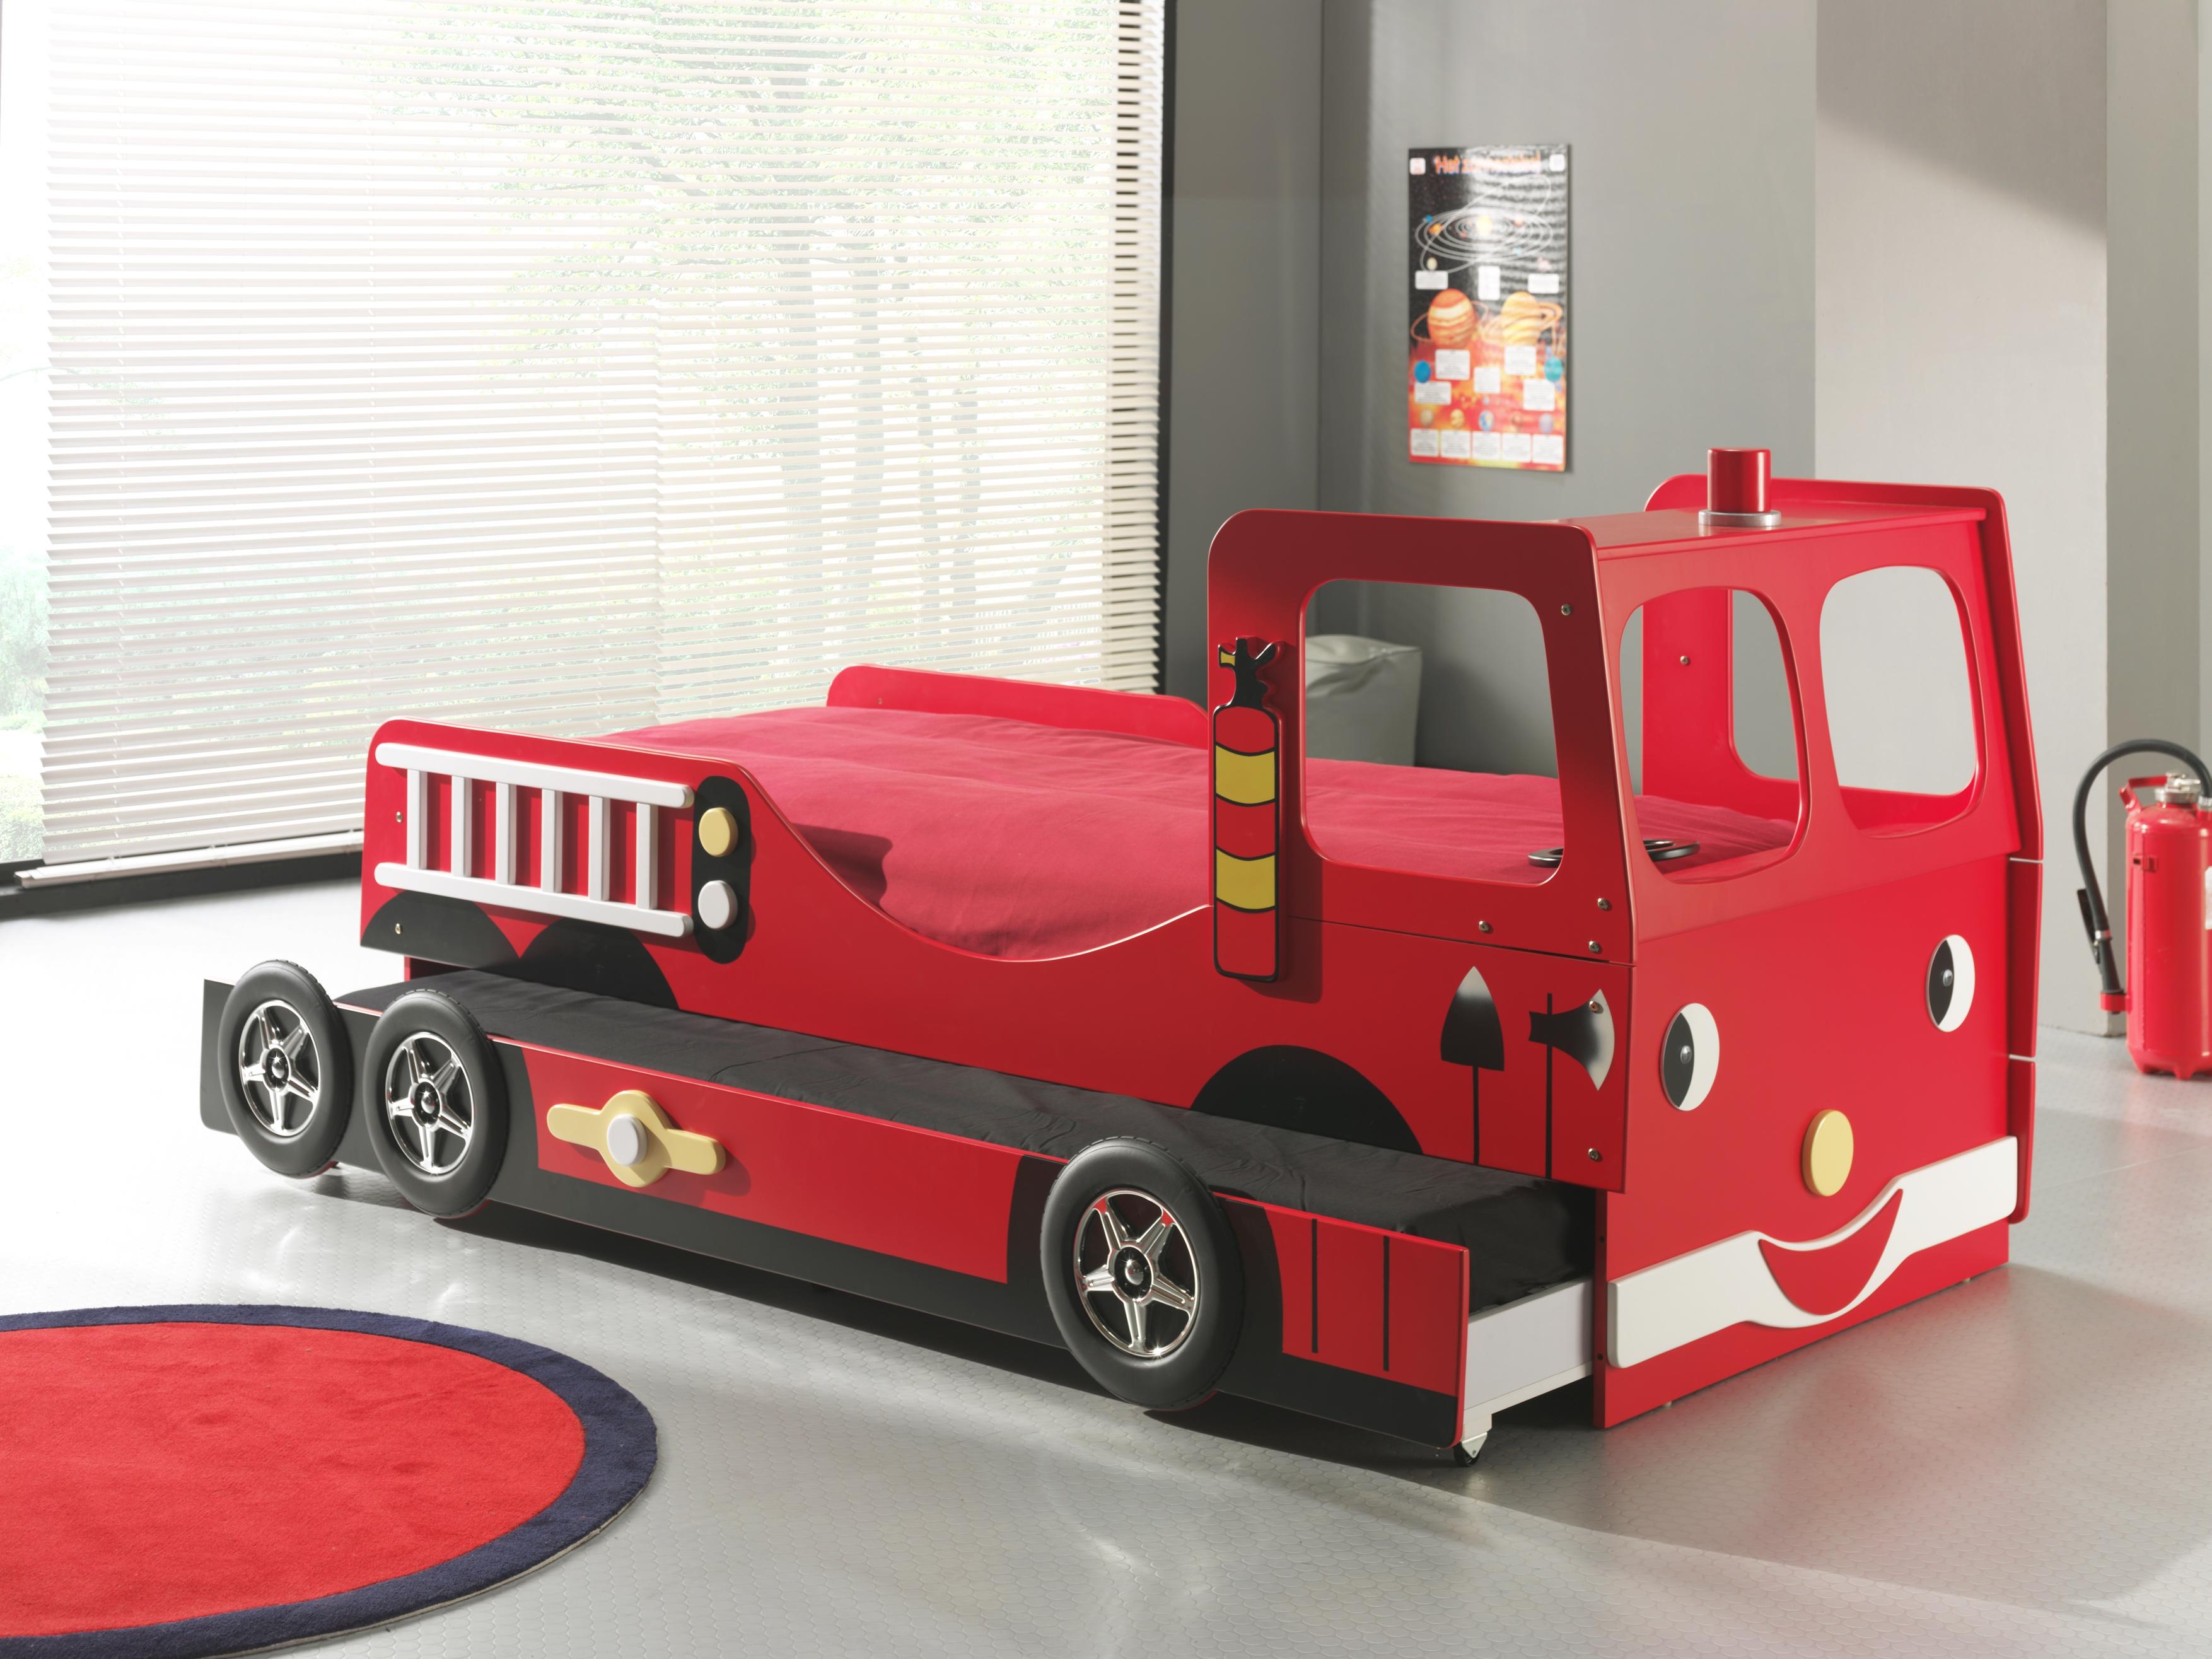 Lit gigogne camion pompier scftrb200 smart bed - Comparatif siege massant ...